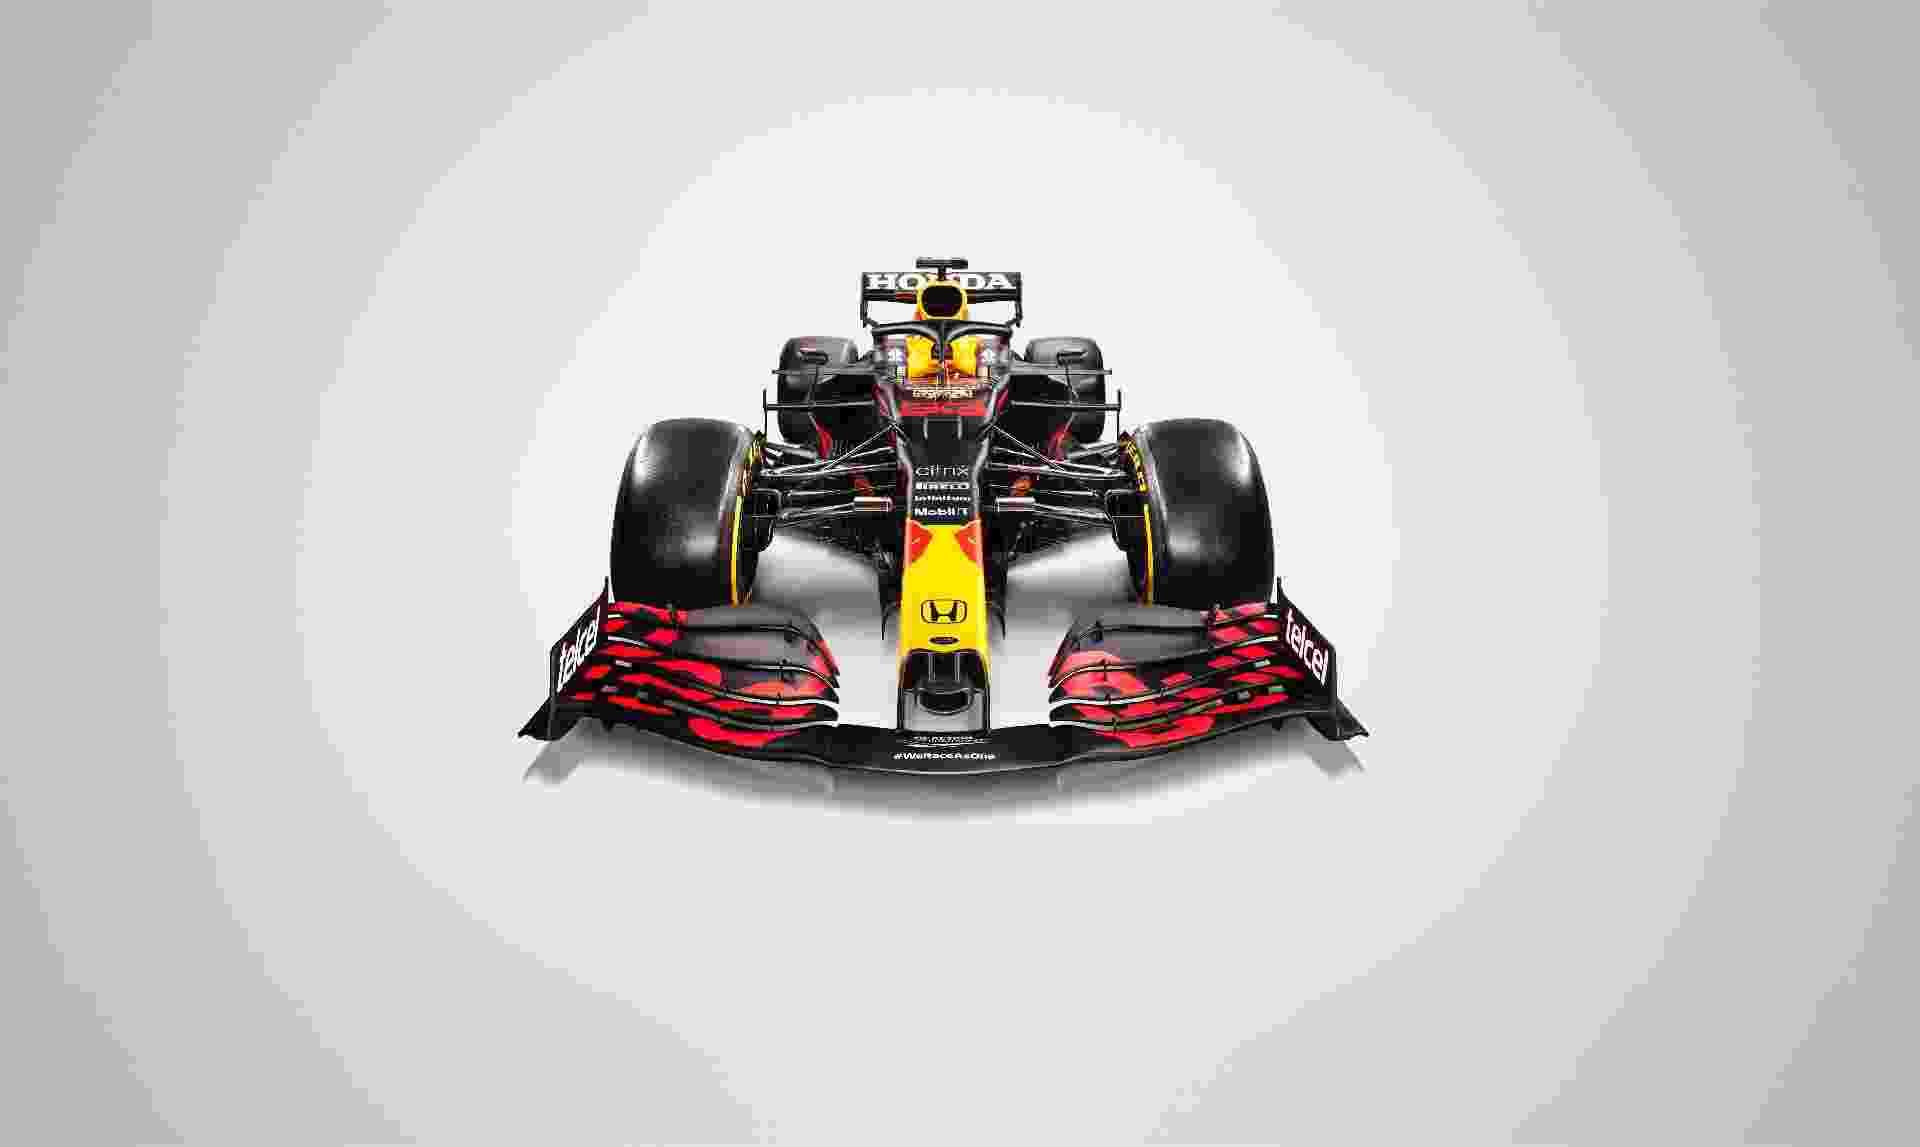 Evolução do carro do ano passado já que as regras ficam relativamente estáveis em 2021, novo Red Bull se chama RB16B - Red Bull Content Pool